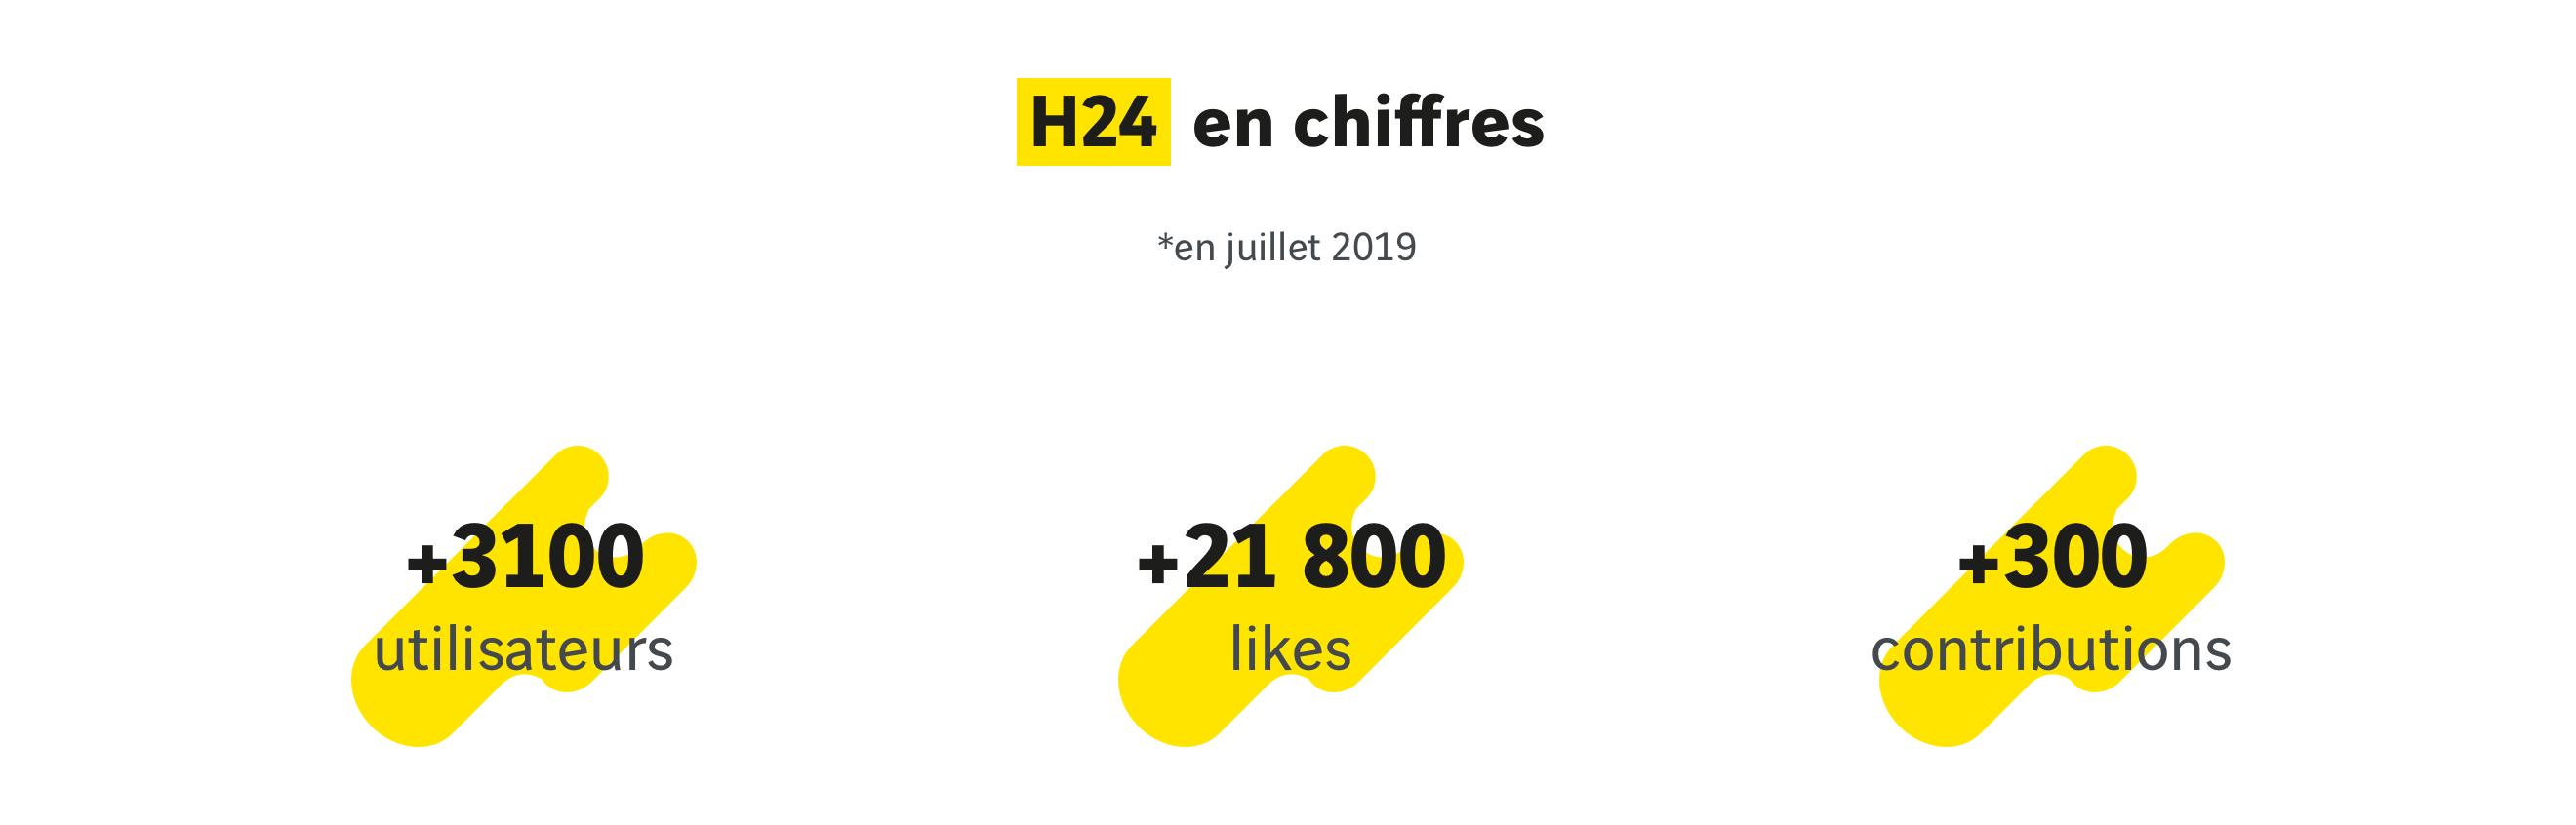 chiffres_cles_H24